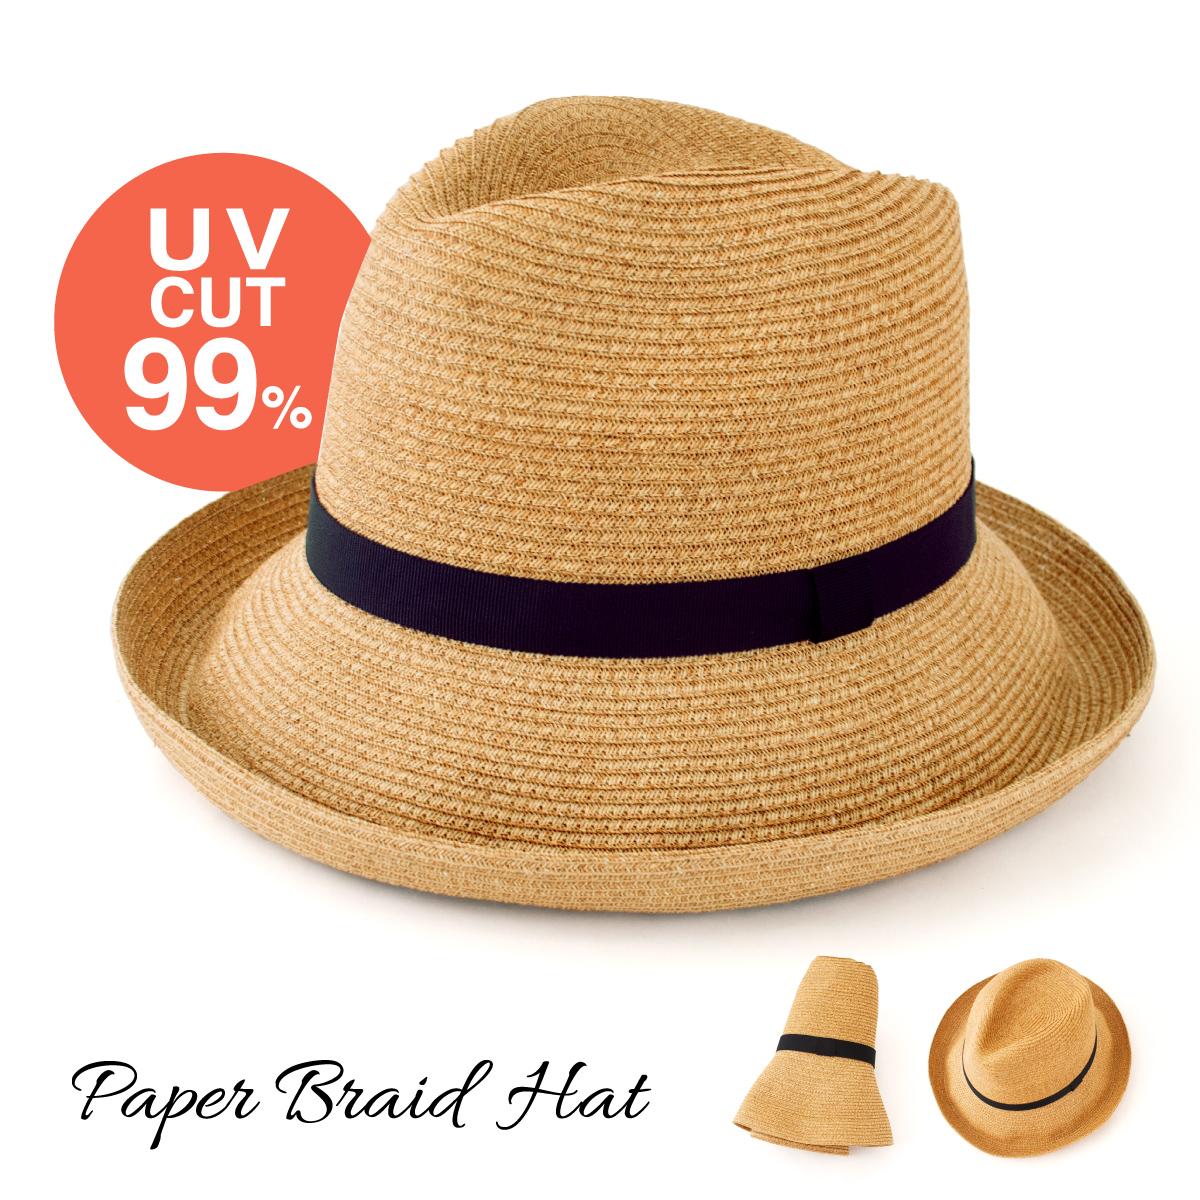 帽子 レディース メンズ ポケッタブル 上等 UVカット 中折れ つば広 紫外線遮蔽率99% シンプル 母の日 2021 紫外線対策 アジャスター 売れ筋 麦わら帽子 日本製 折りたたみOK 送料無料 遮並率99%以上 ギフト サイズ調整可能 折りたためるペーパーブレードハット